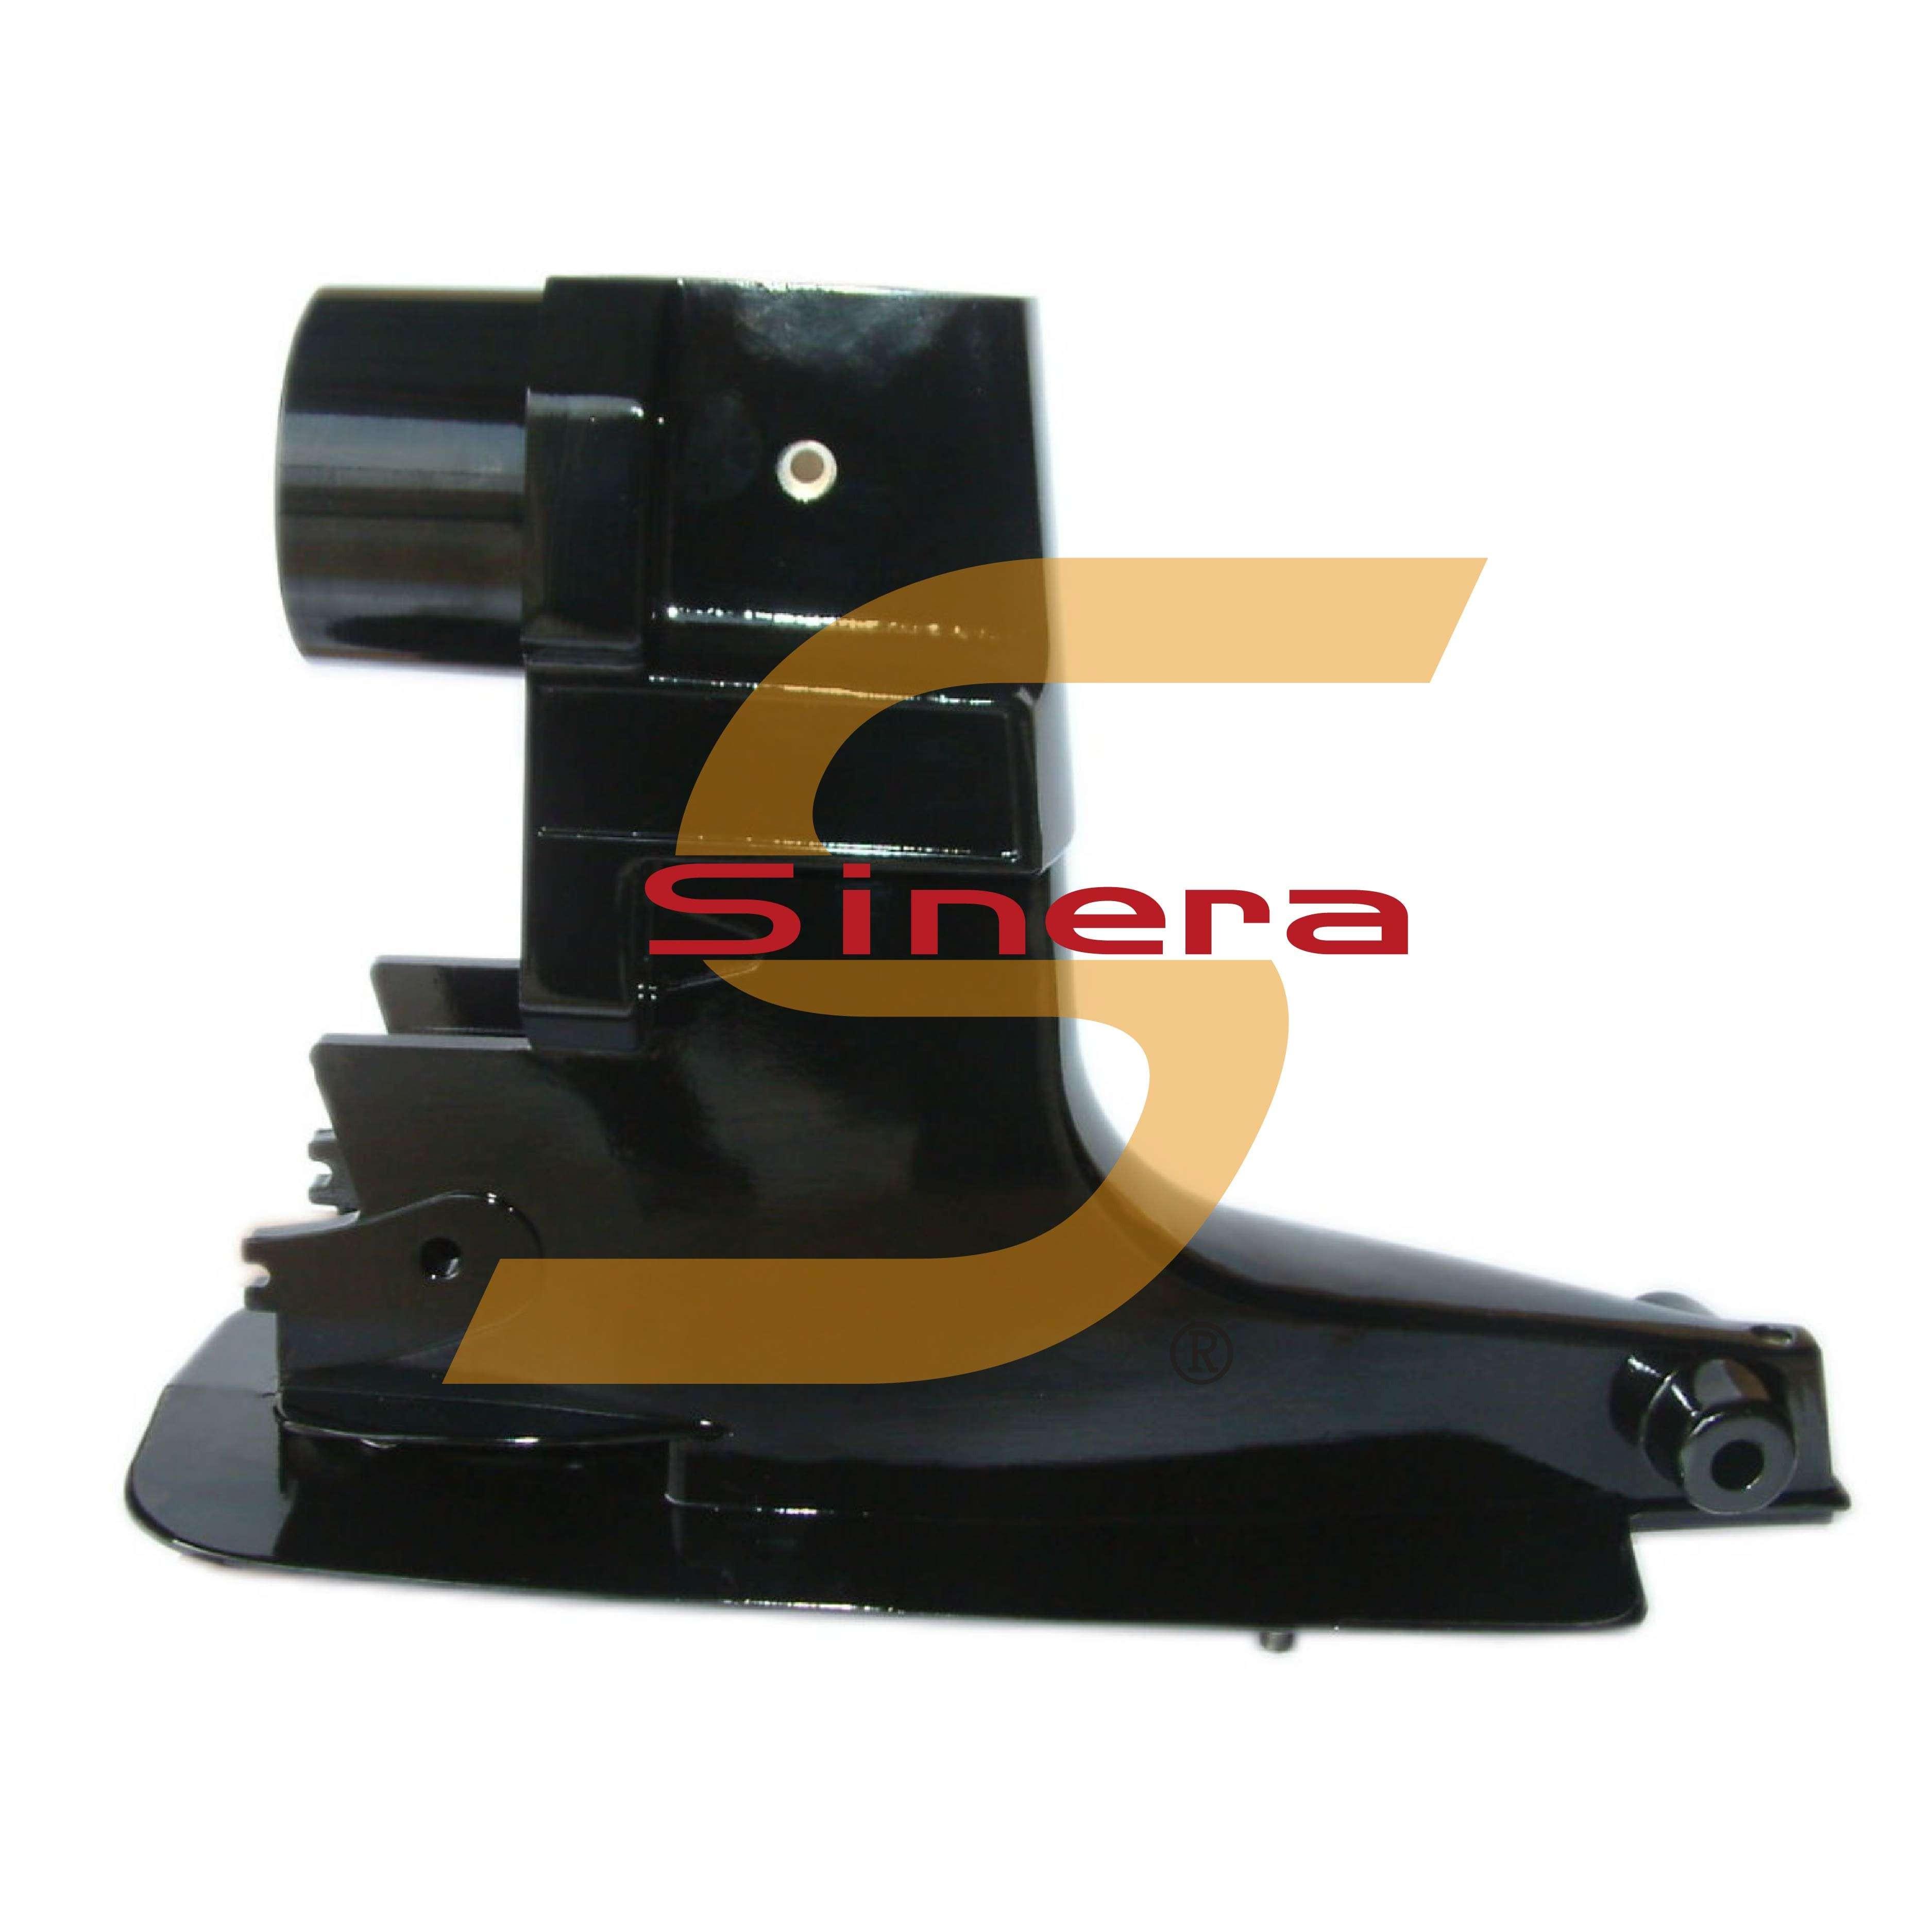 Mercruiser,OMC齿轮箱和齿轮箱